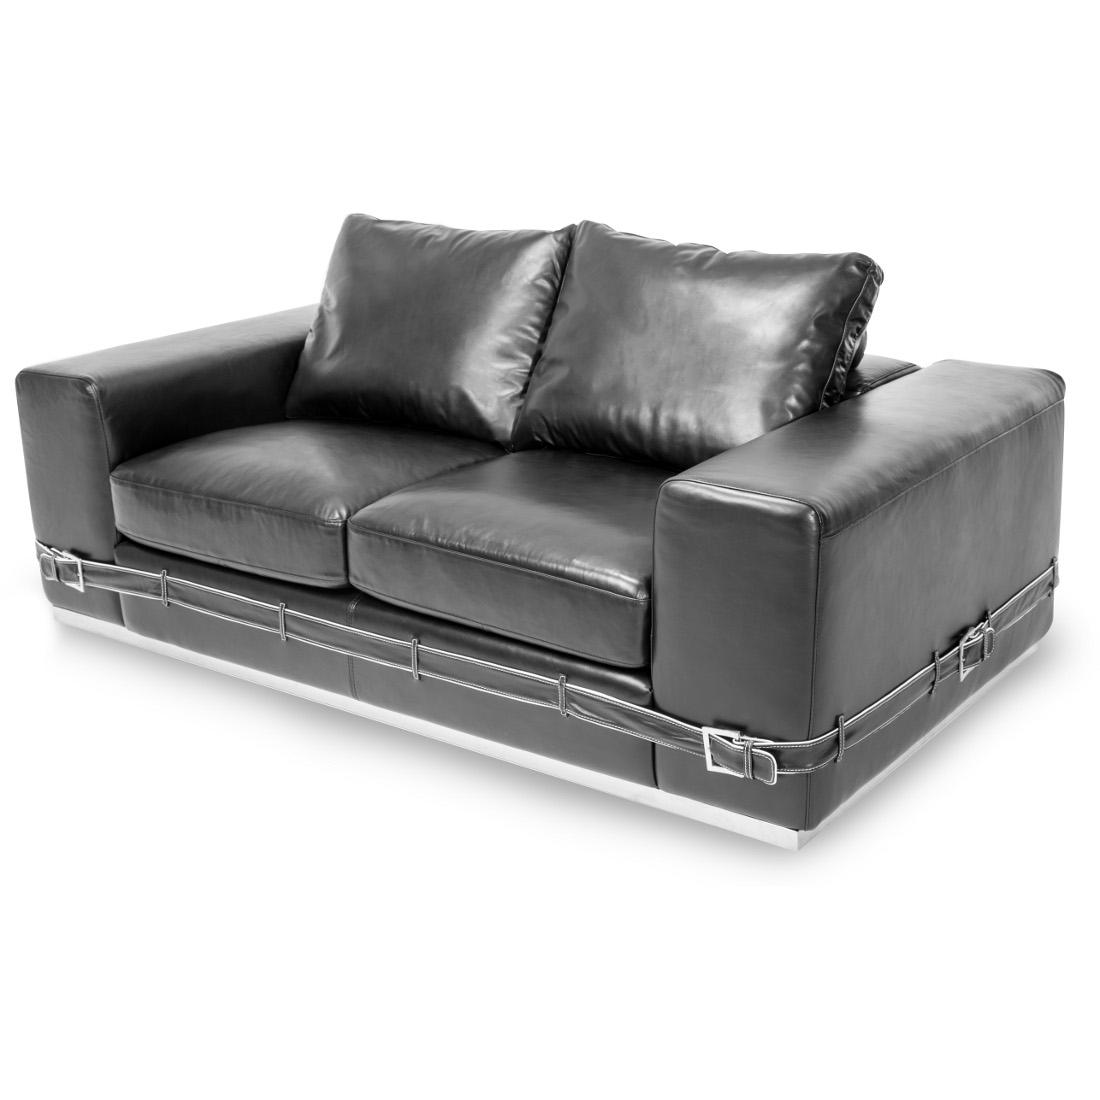 AICO Michael Amini Mia Bella Ciras Leather Mansion Sofa